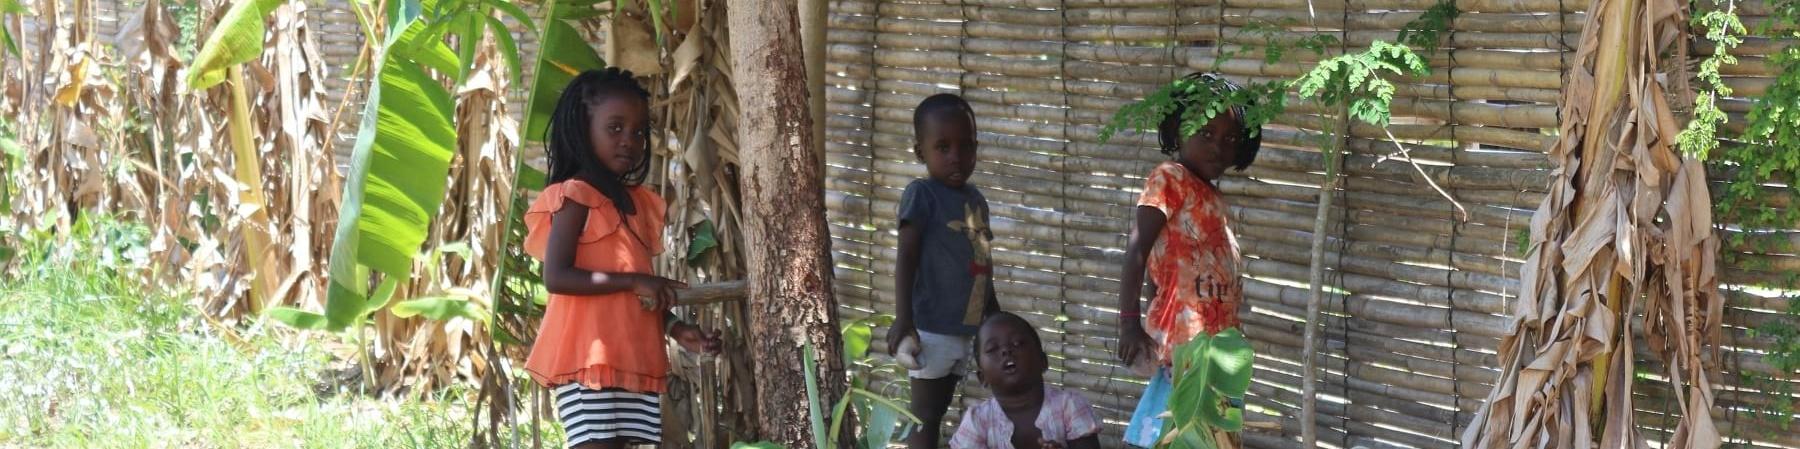 Quattro bambini del mozambico in lontananza sono ripresi mentre giocano nella natura vicino a una parte di canne di bambu.